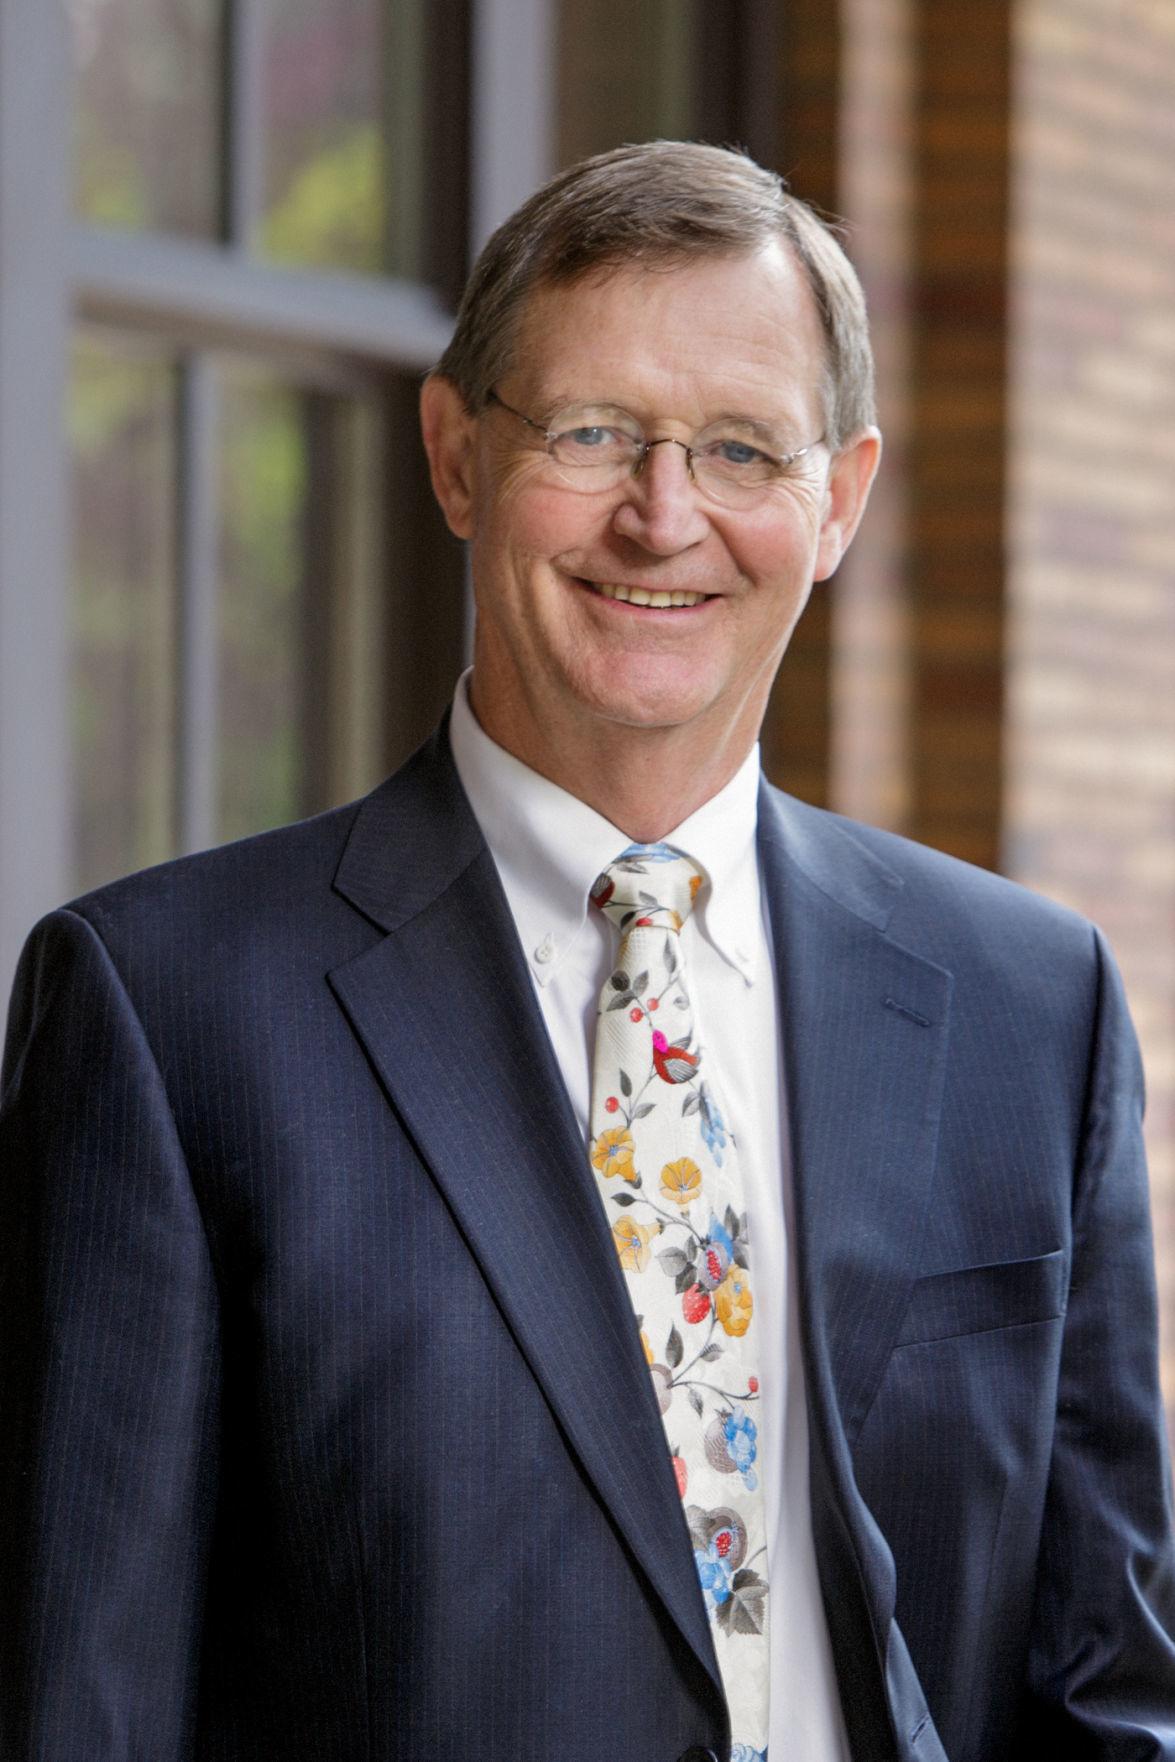 Dale Woolhiser